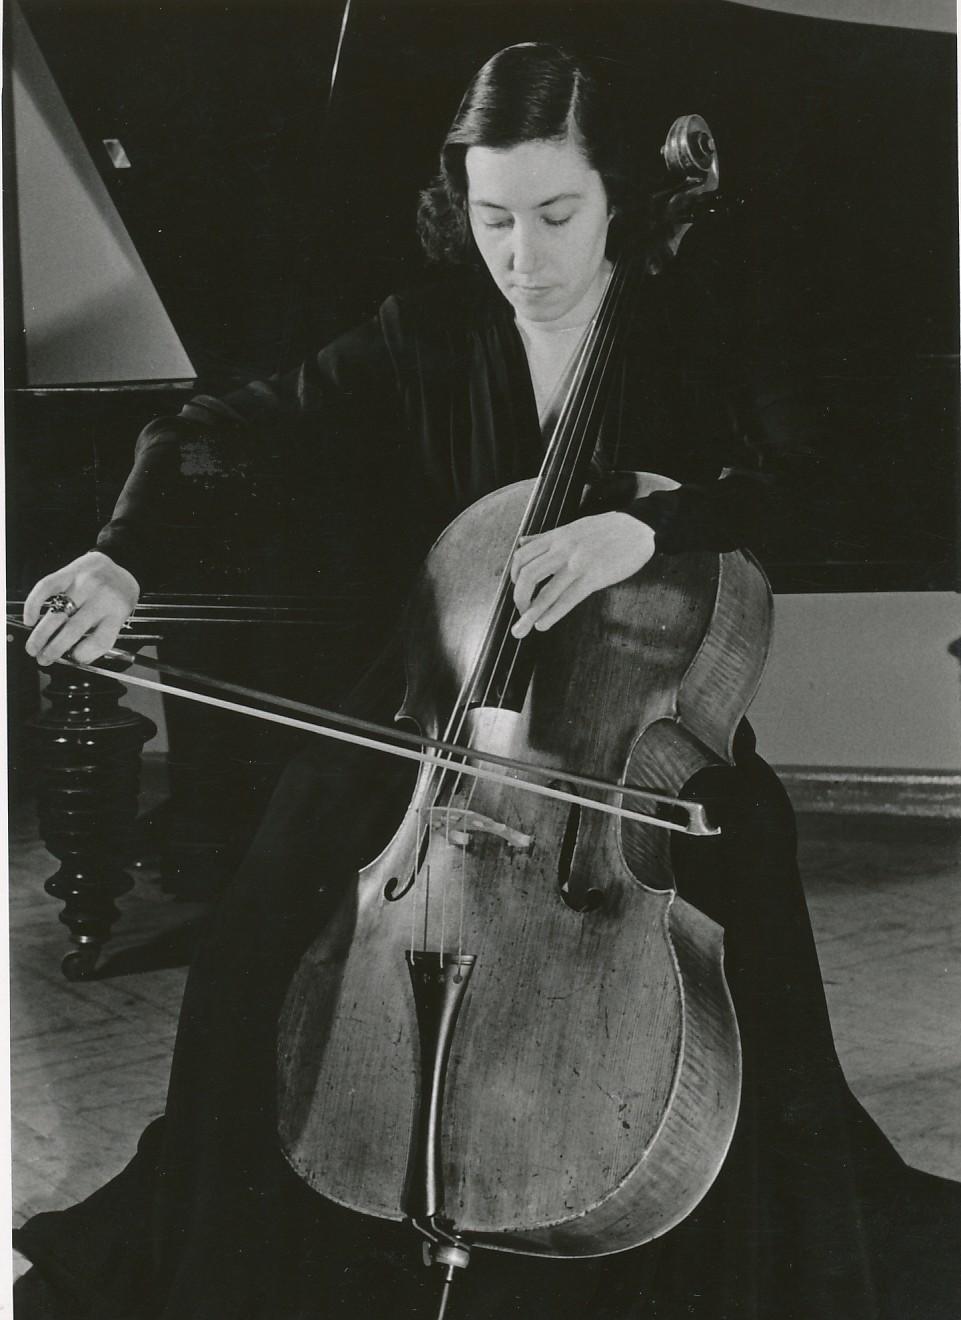 Lieses Klassikwelt 47: Violoncello